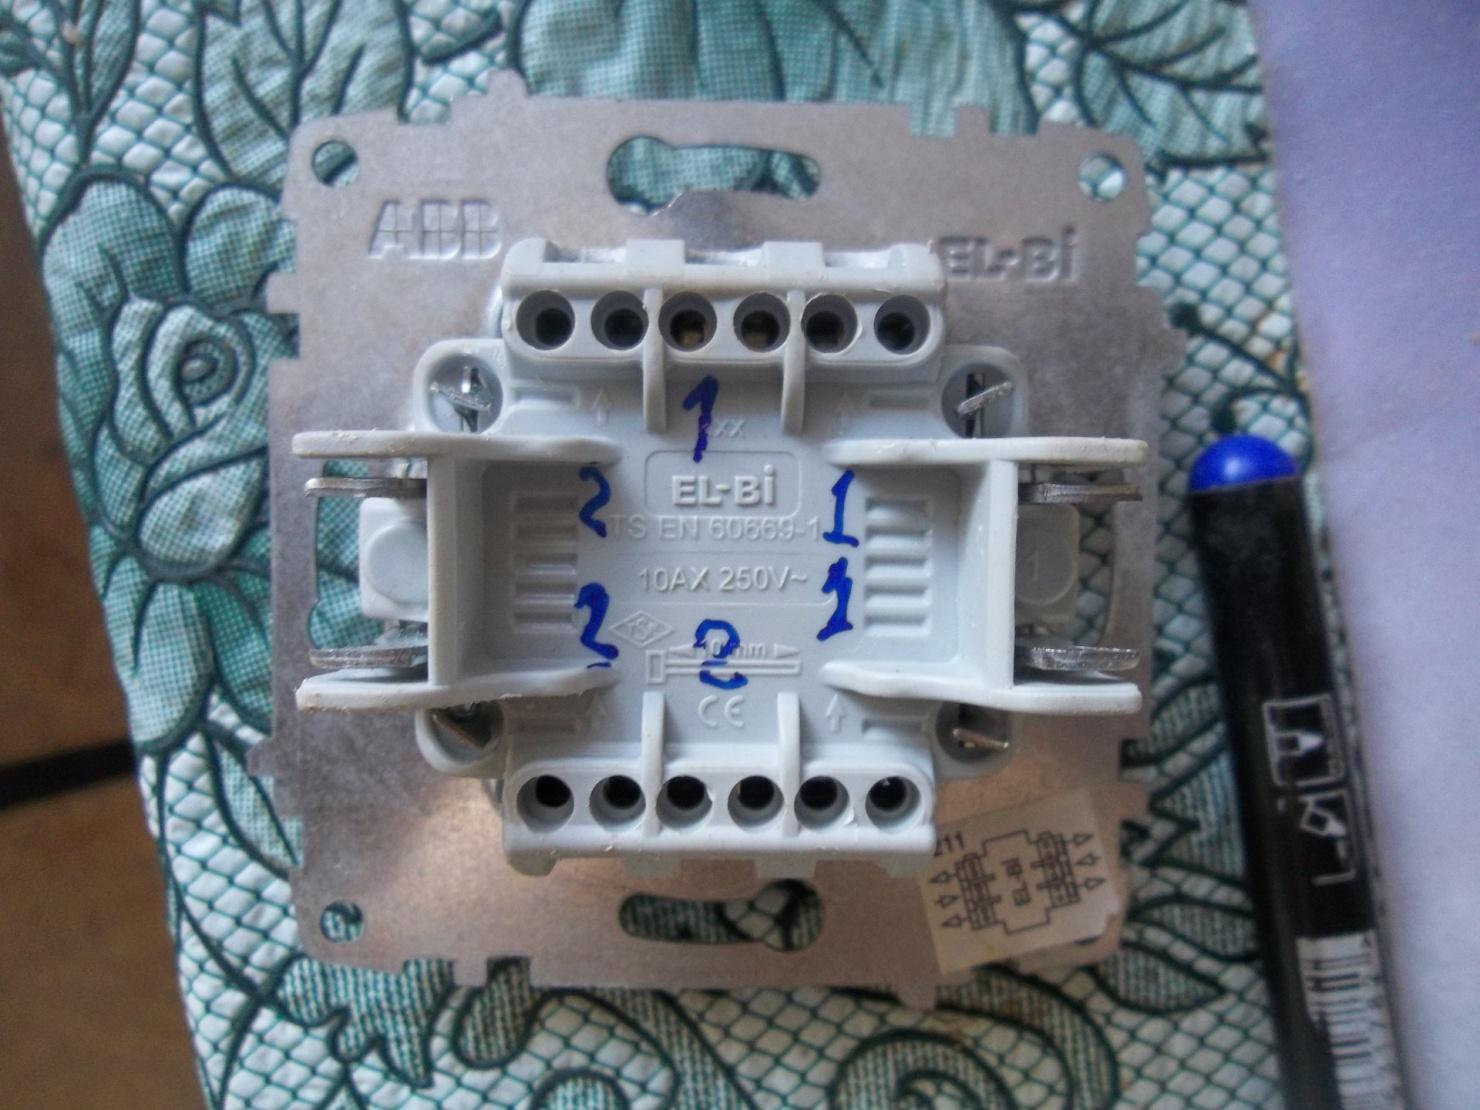 Перед установкой двойного проходного переключателя не лишним будет пометить назначение клемм и проводков